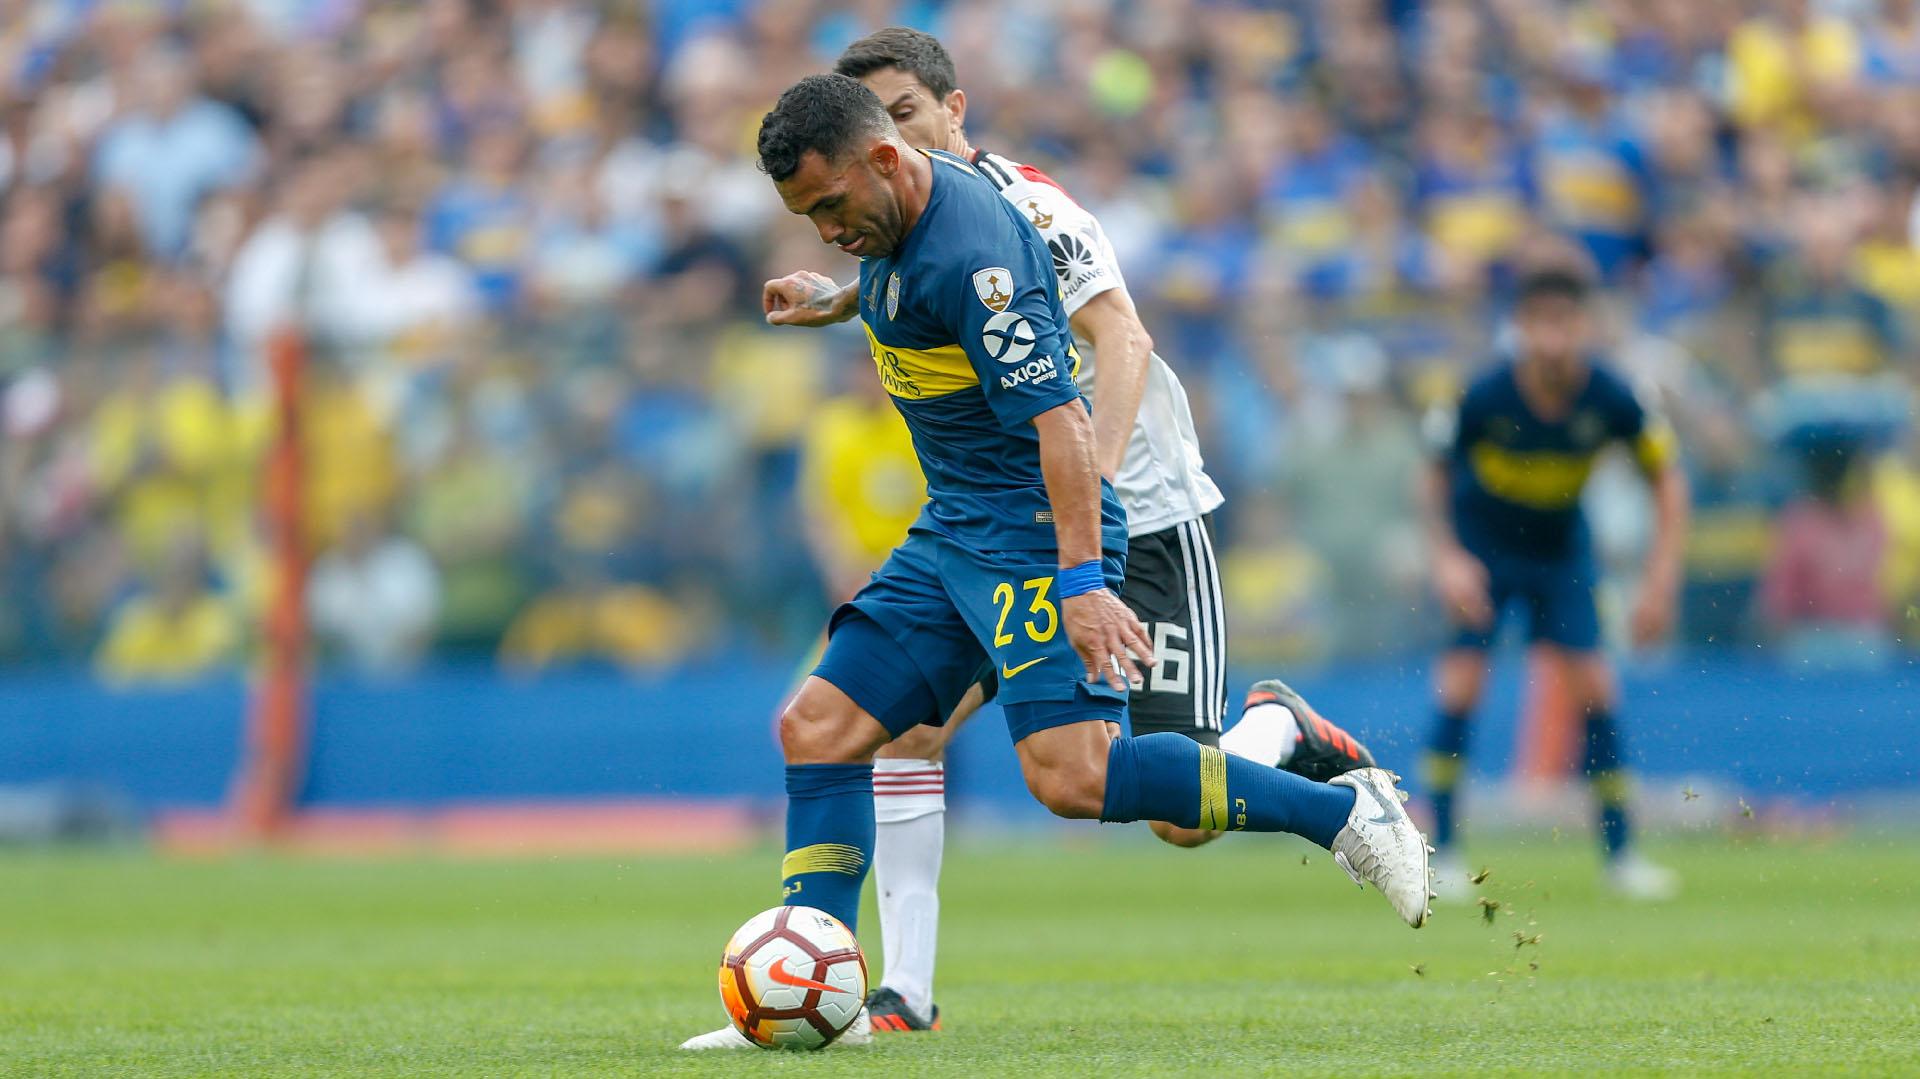 Copa Libertadores: River Plate vs Boca Juniors Preview